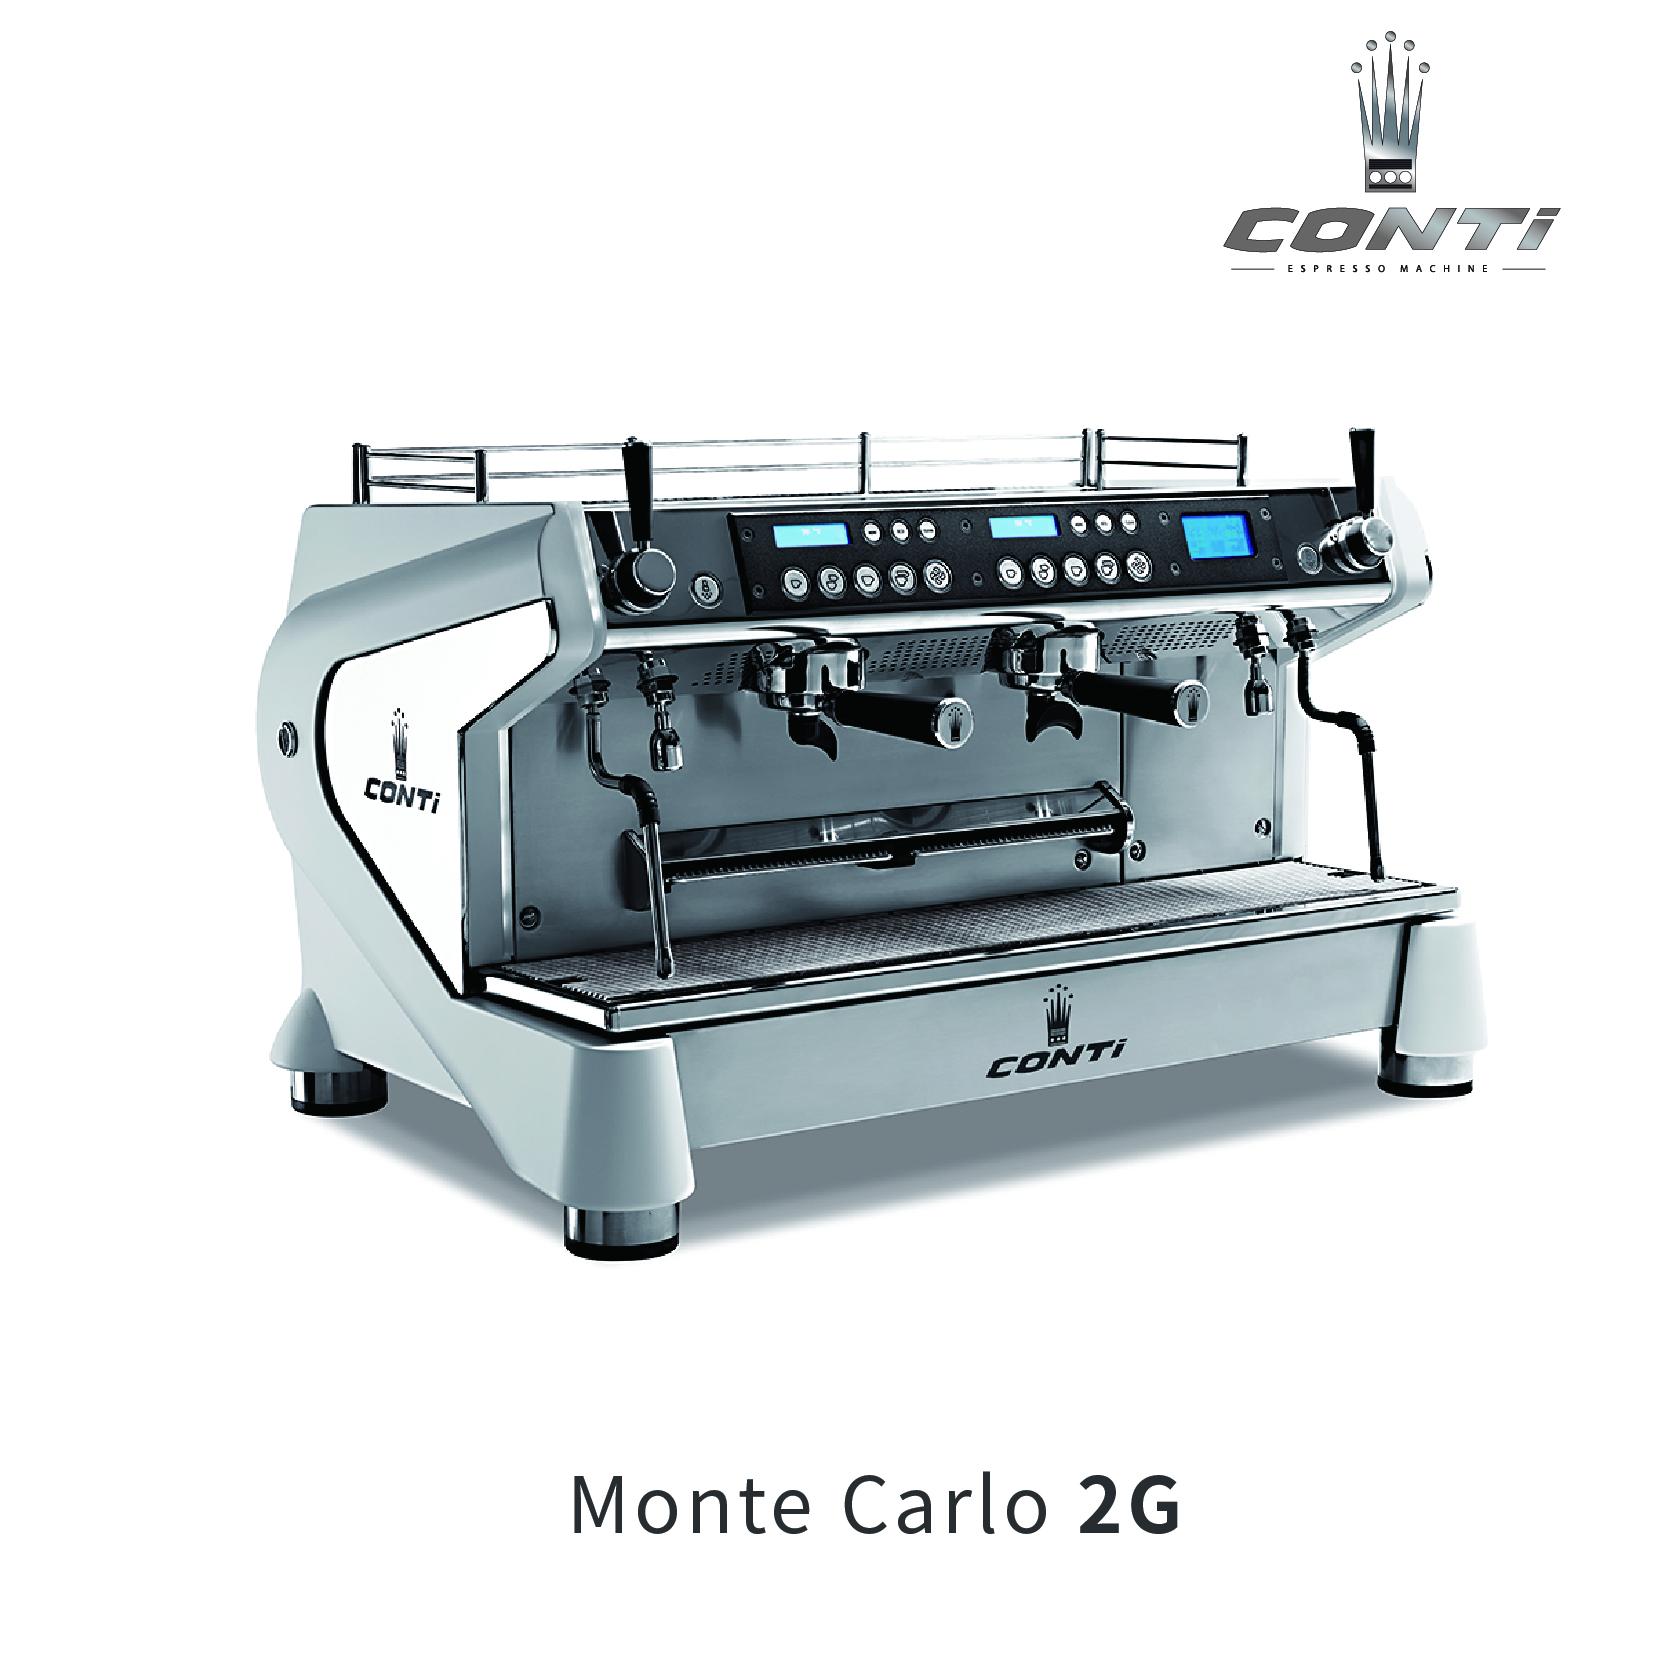 法國Conti 半自動咖啡機 Monte Carlo 2G/3G